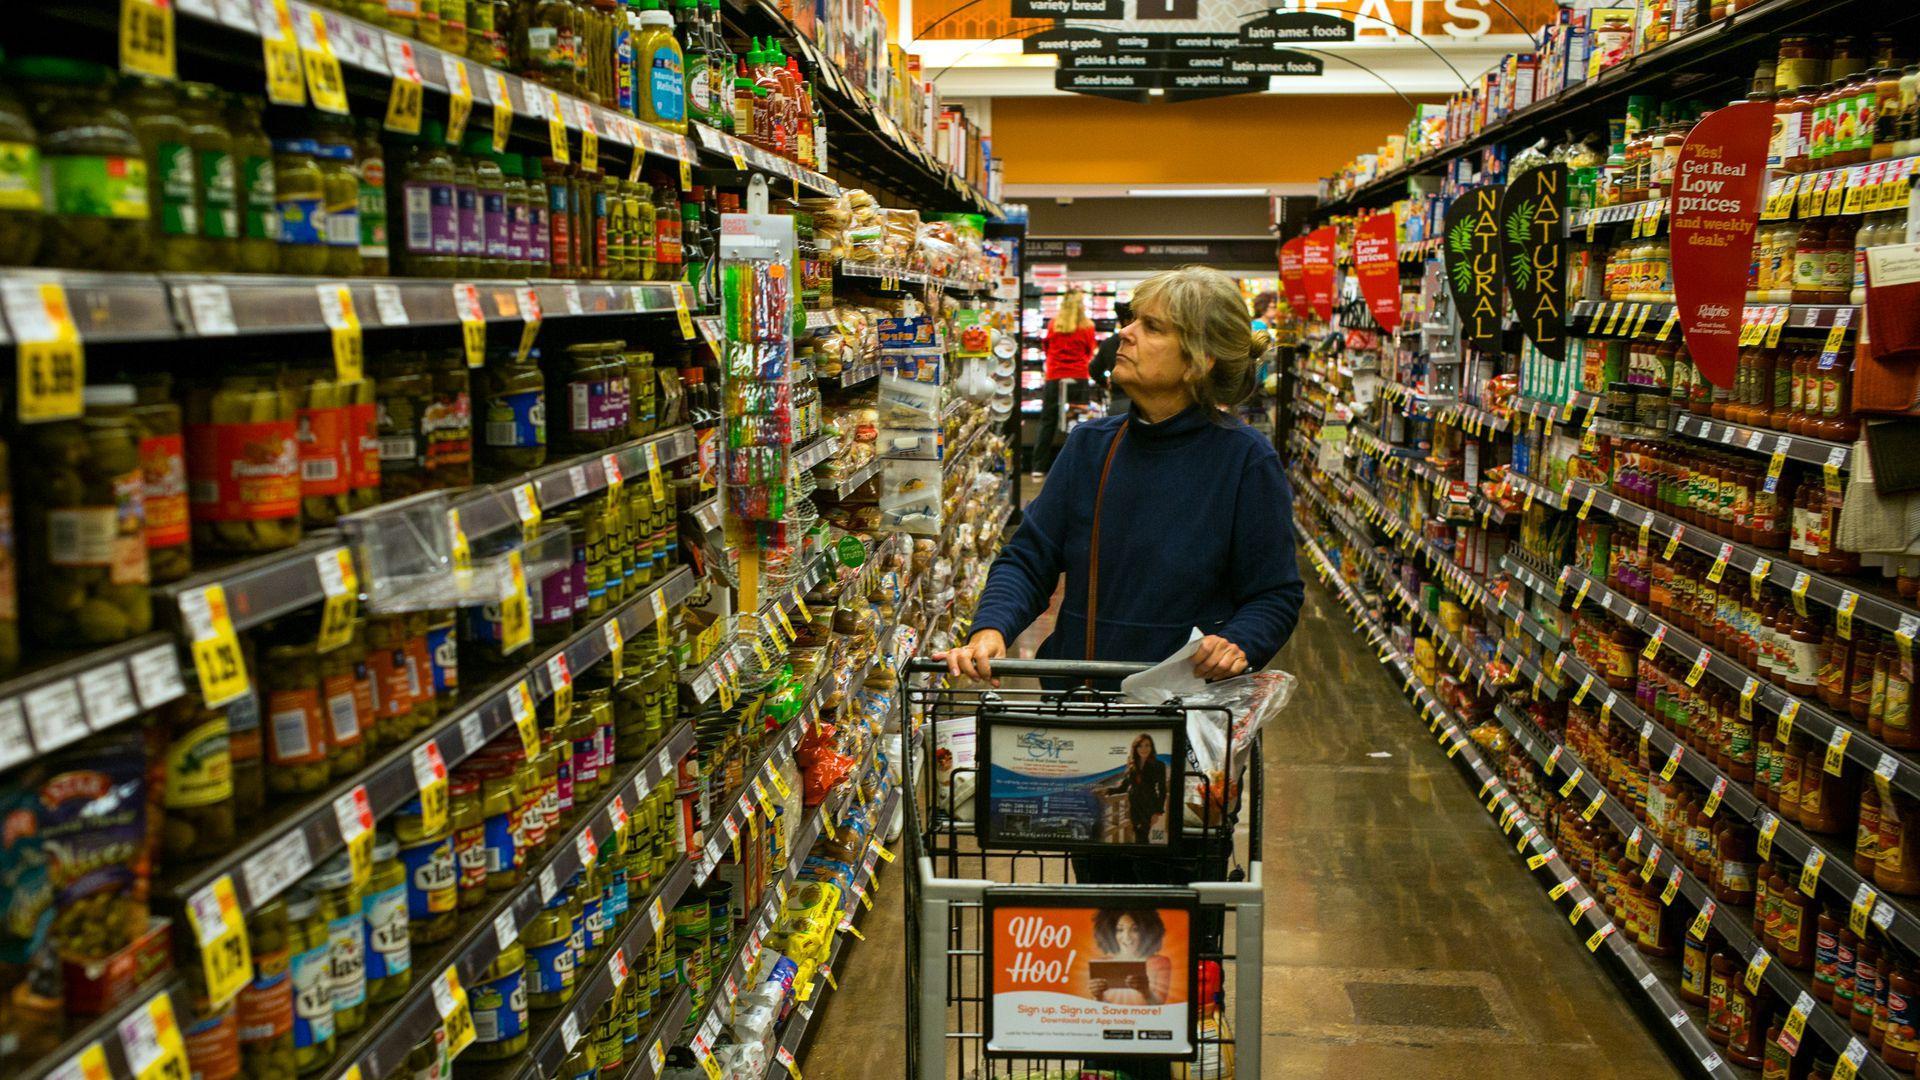 美国克罗格超市与阿里达成合作 进军中国电商市场